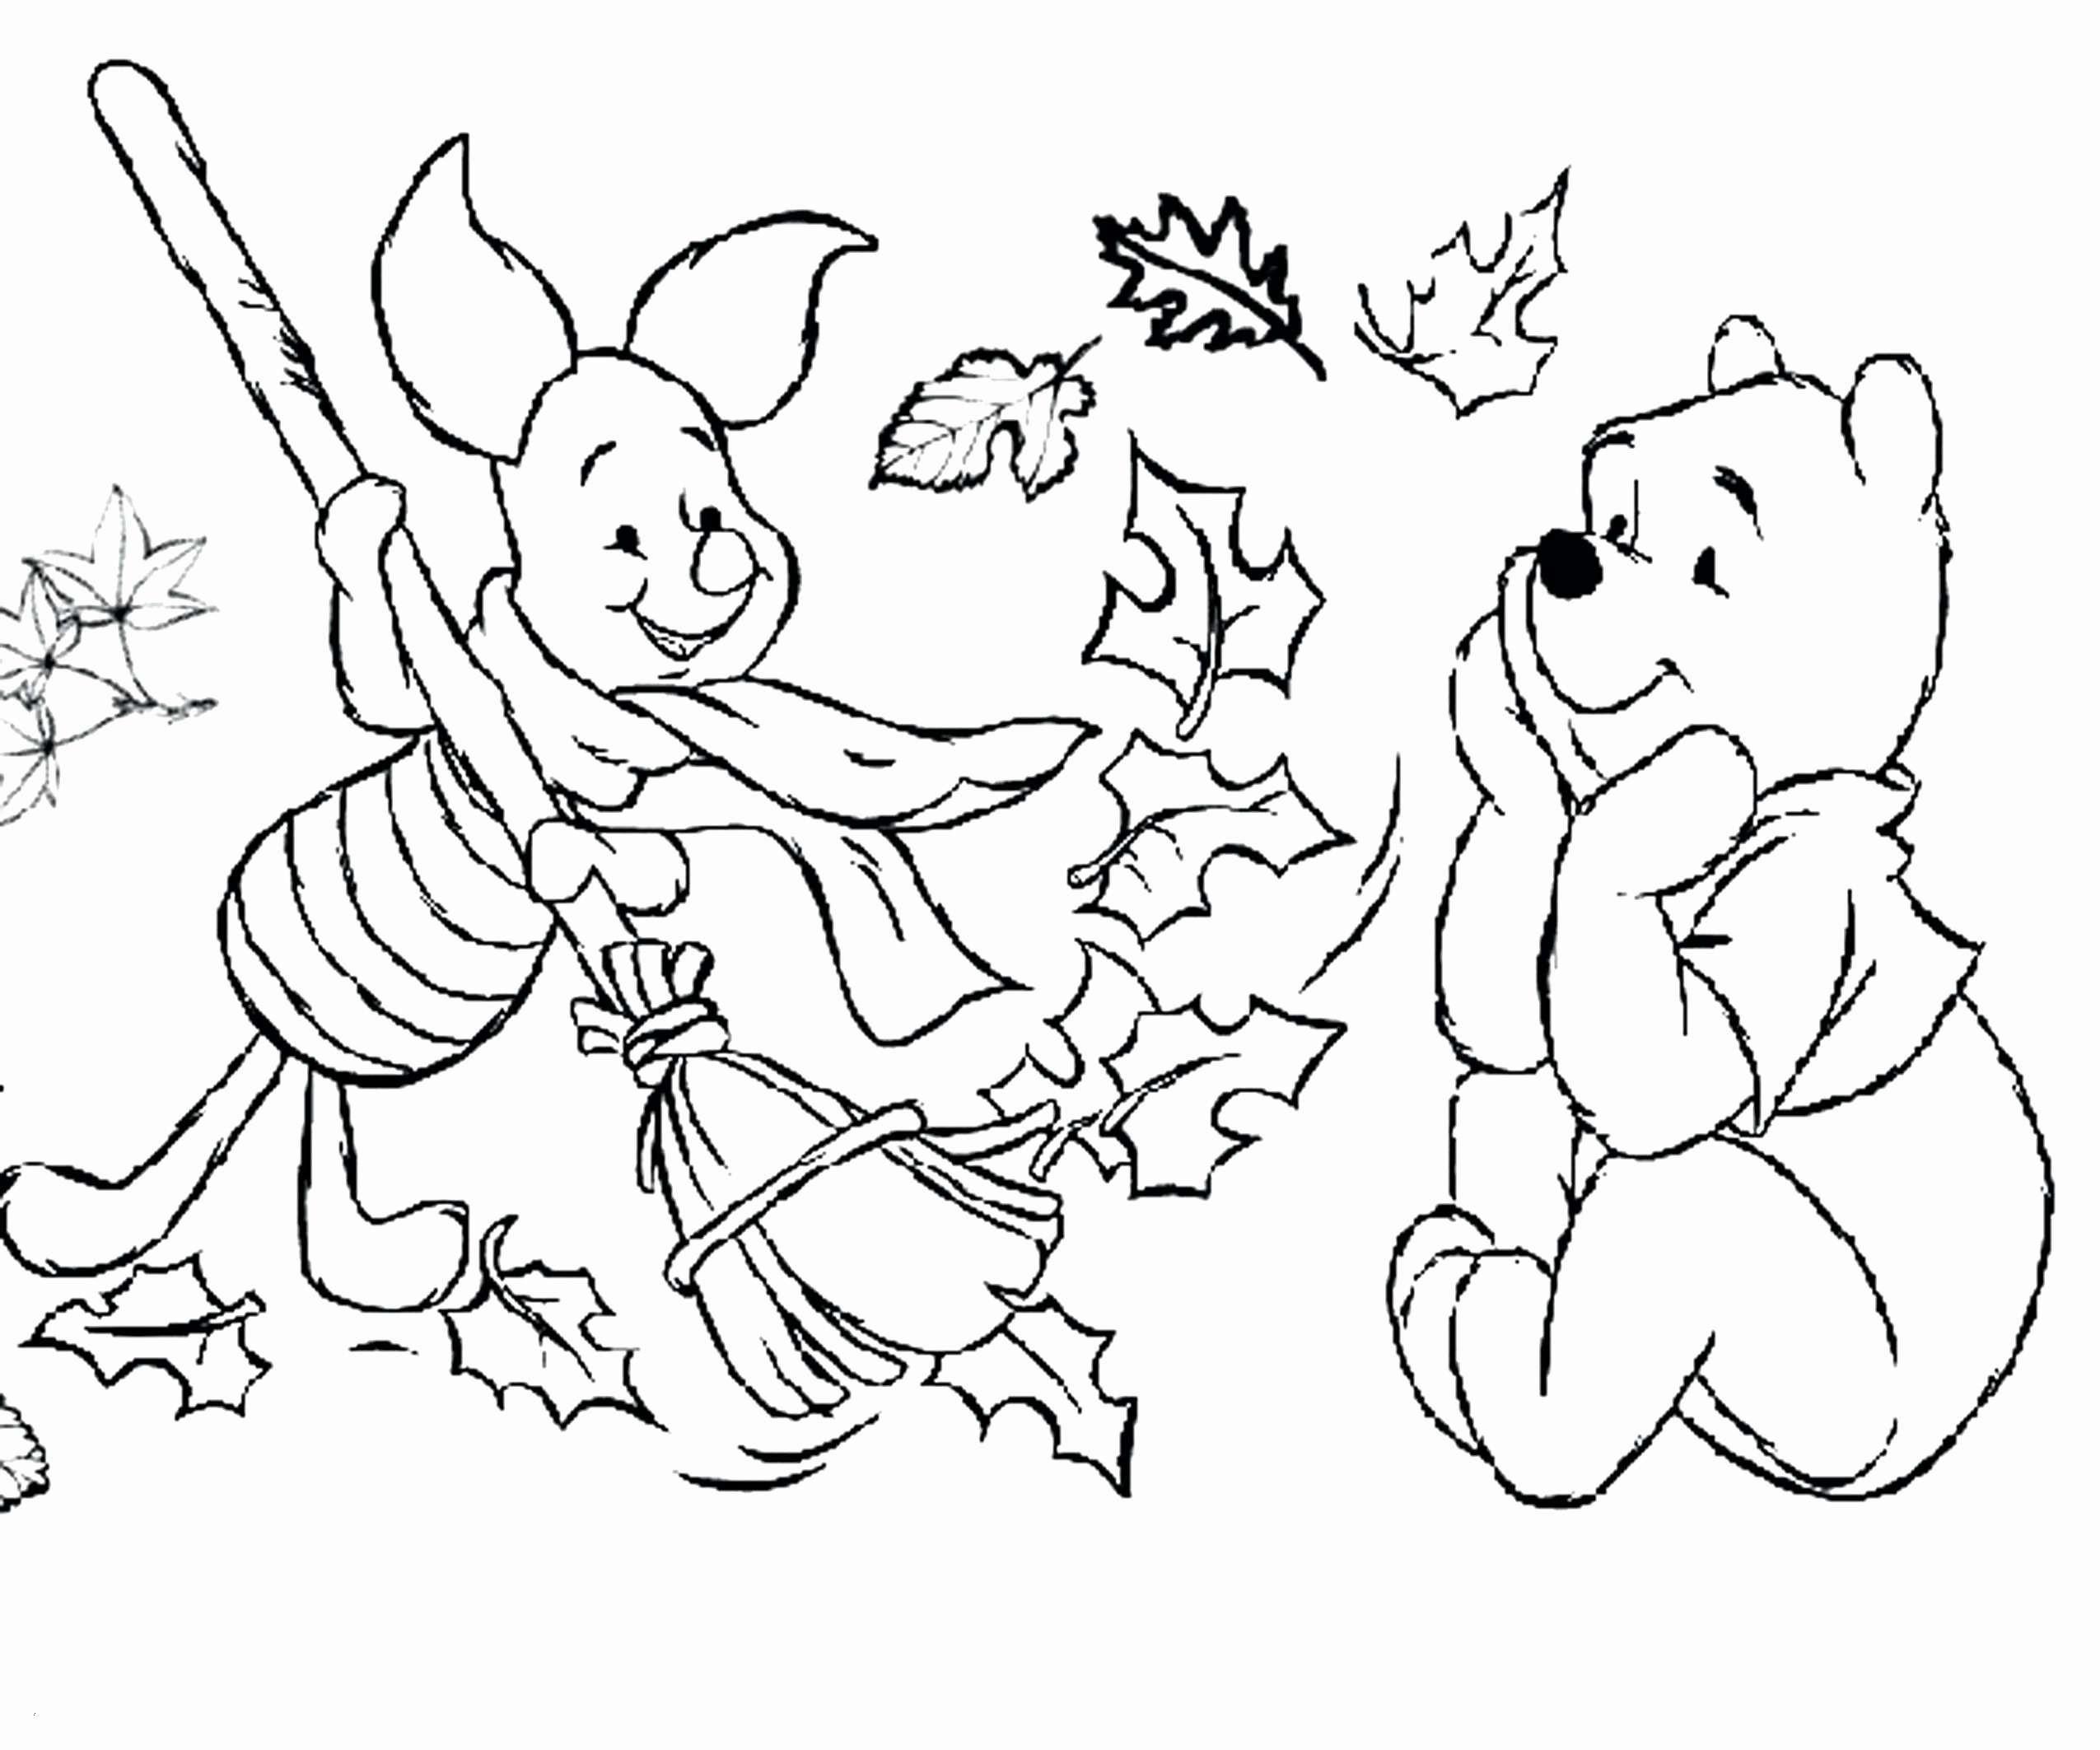 Bibi Und Tina Bilder Zum Drucken Inspirierend 40 Best Minions Ausmalbilder Zum Drucken Mickeycarrollmunchkin Stock